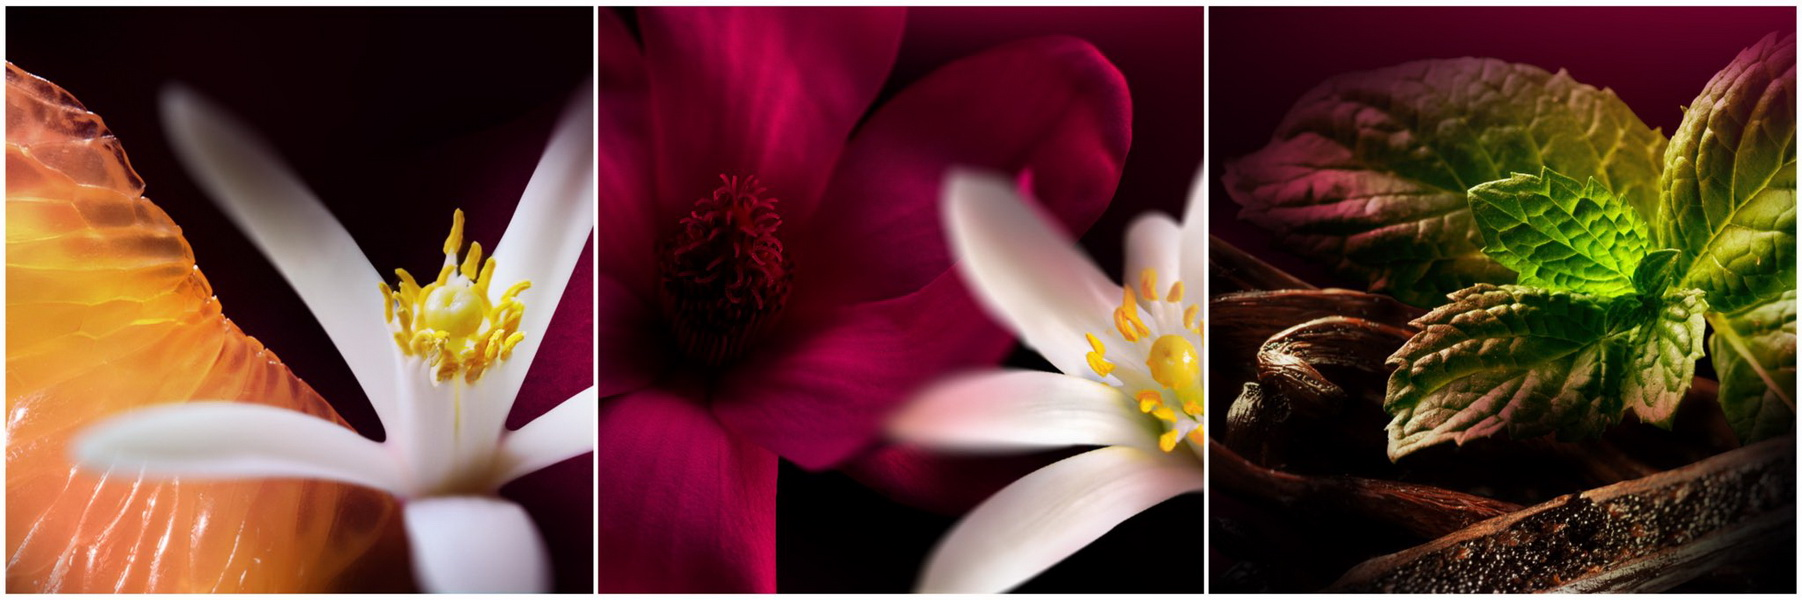 Đón ngày mới nhẹ nhàng với gợi ý mùi hương từ nước hoa Bvlgari